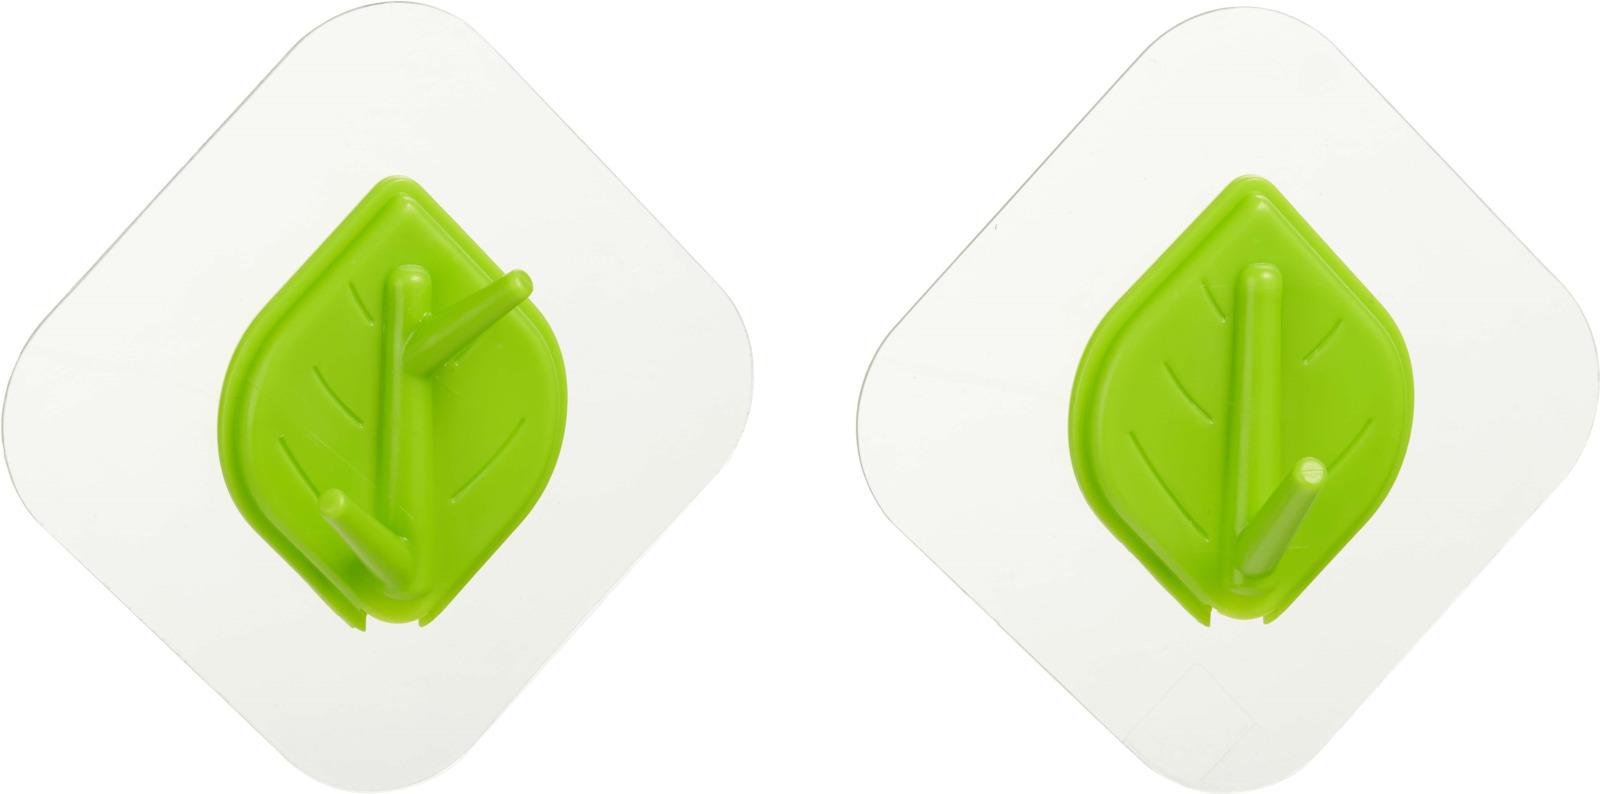 Крючок для ванной Kleber Home, kle-hm029, светло-зеленый, 2 шт стоимость